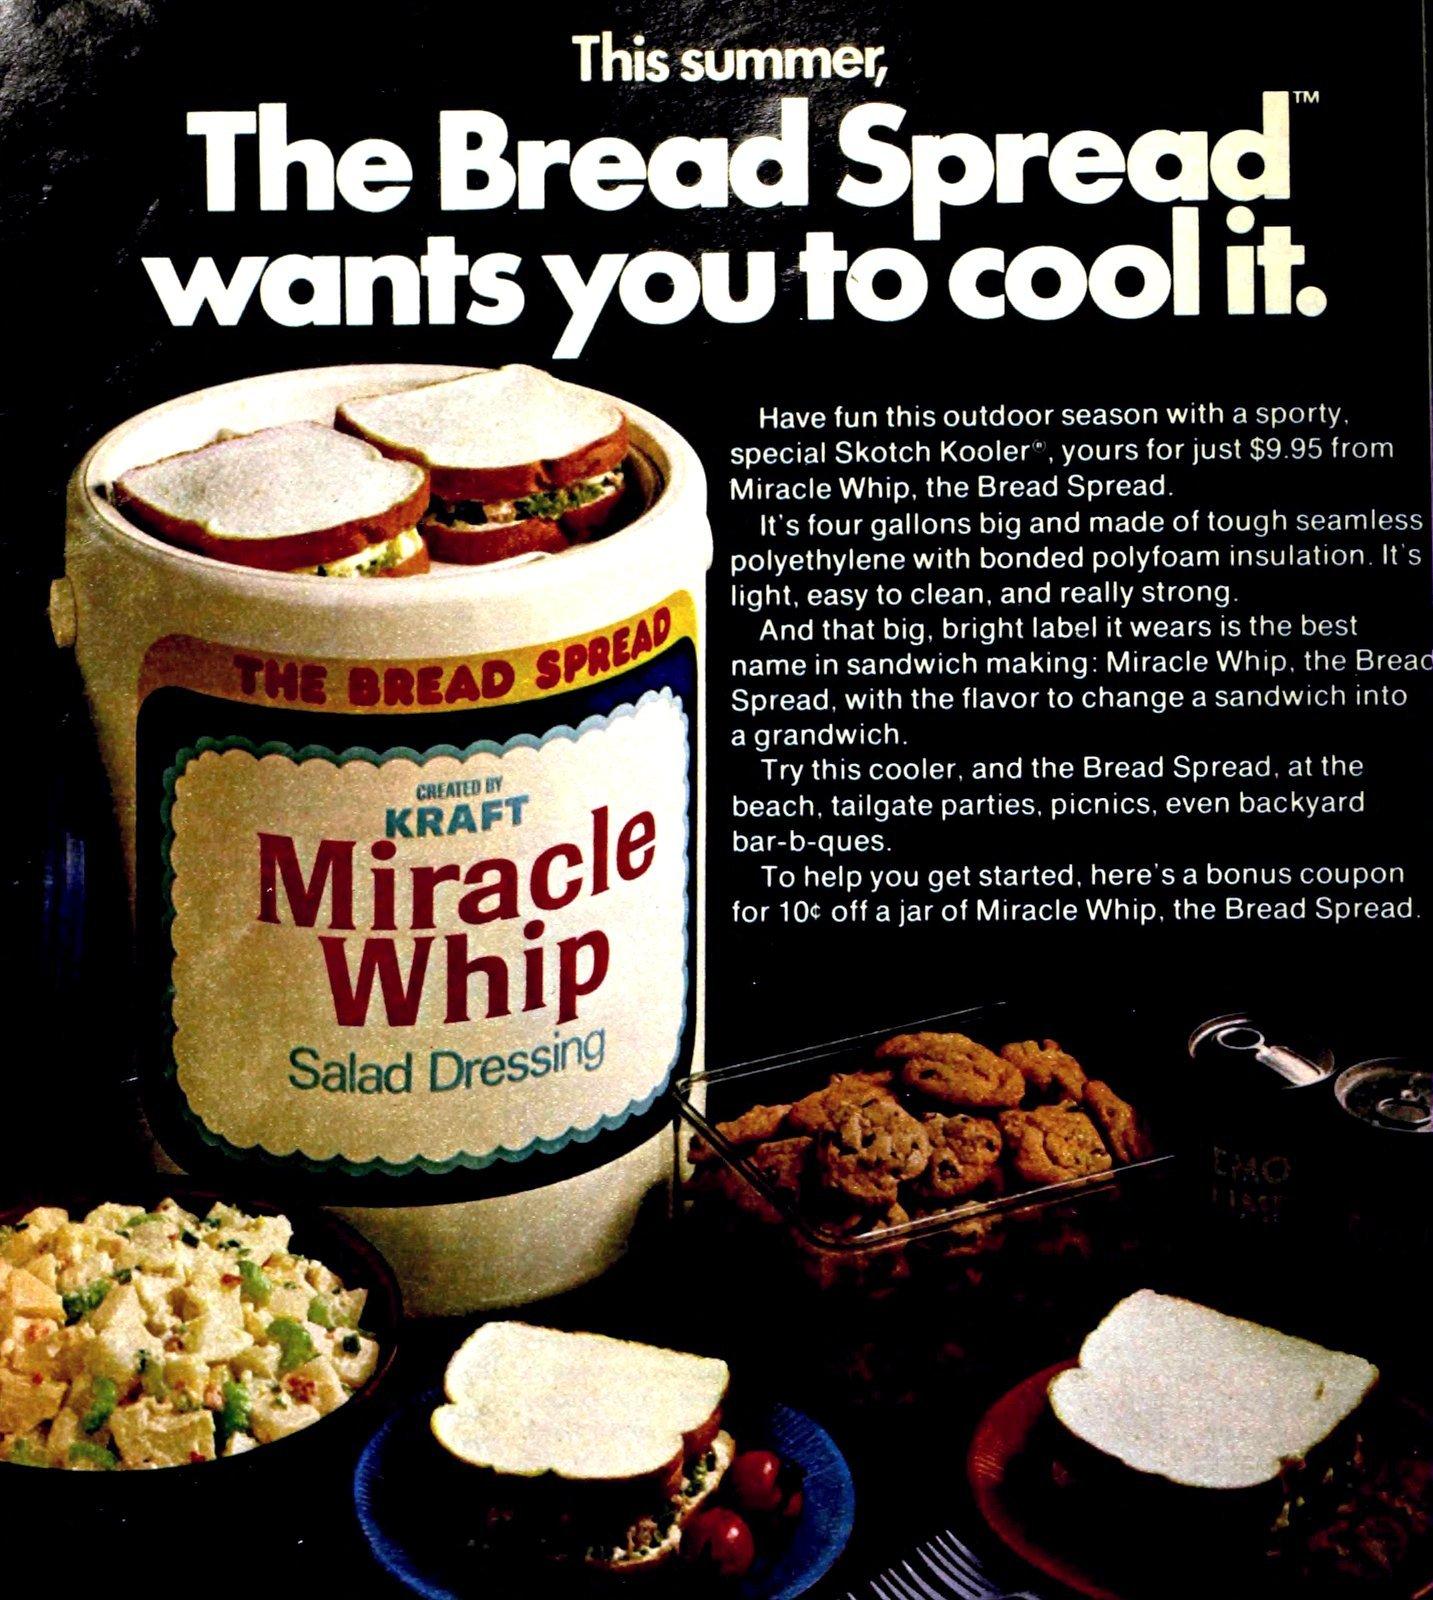 Vintage Kraft Miracle Whip Skotch Kooler (1978)